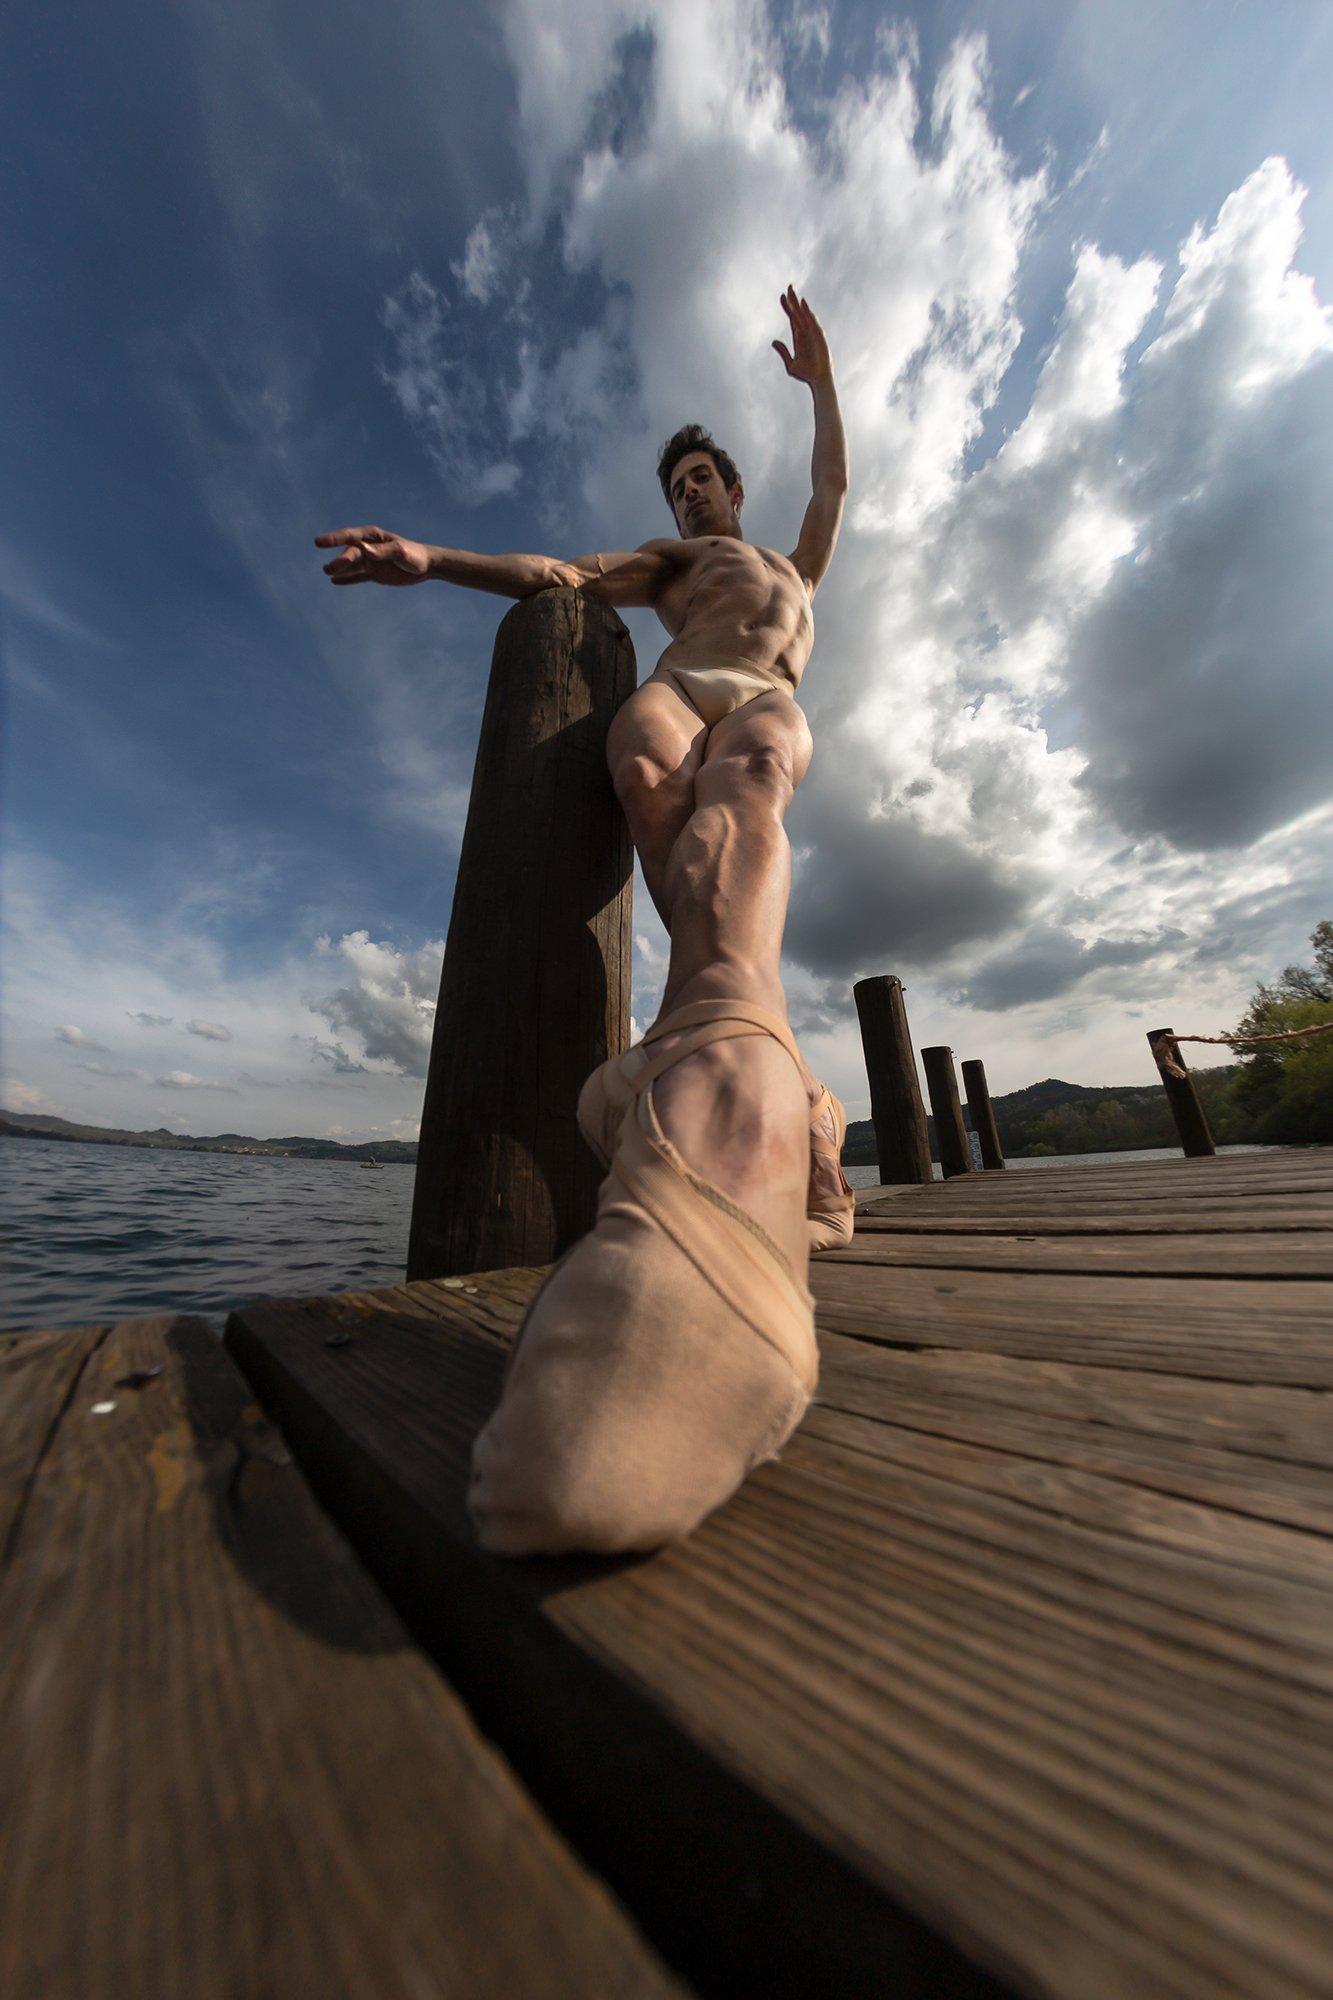 dance, man, ballet, portrait,, espressive photography